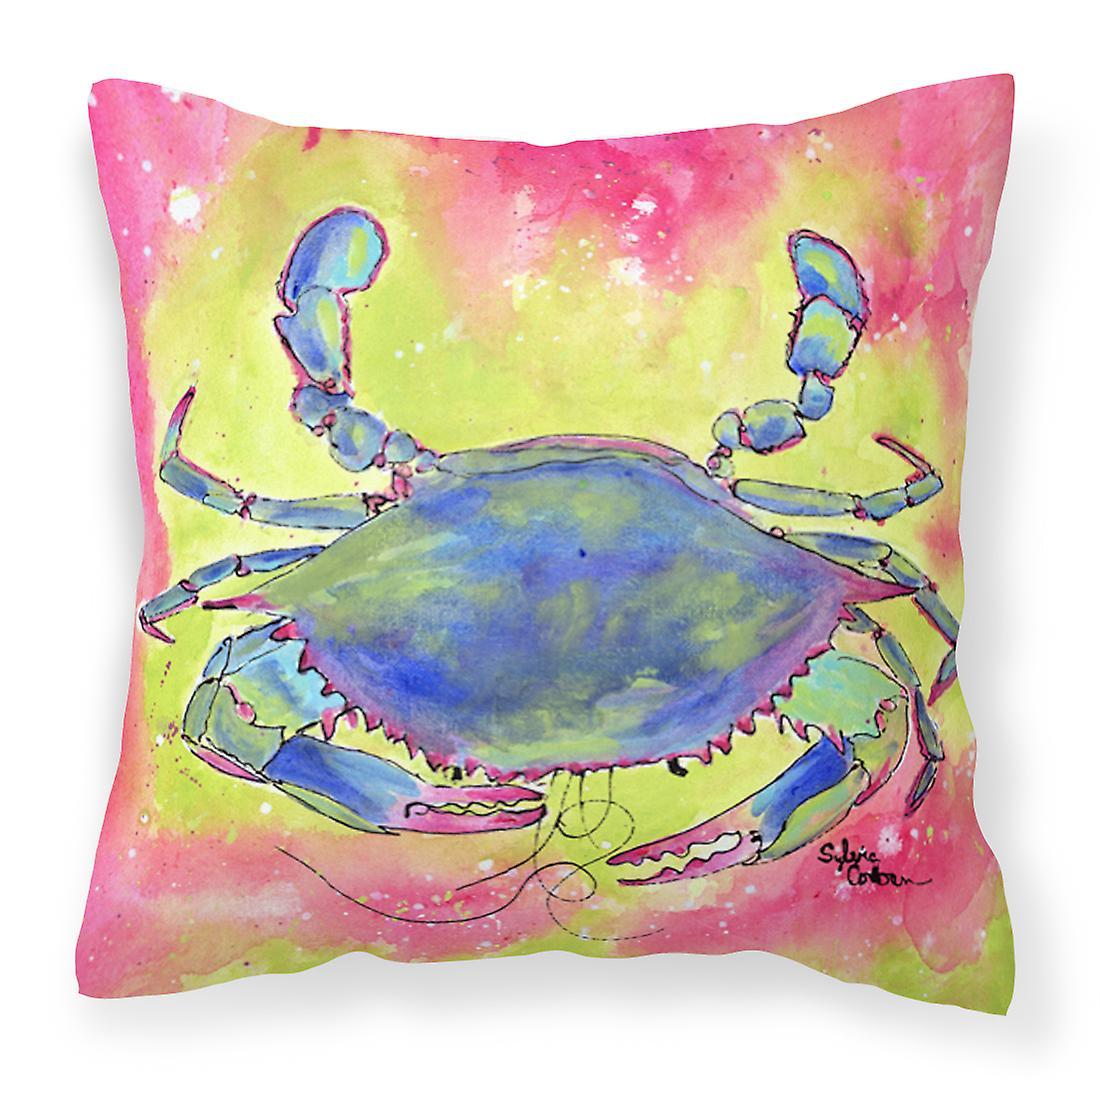 Toile Oreiller Décoratif Carolines Crabe Trésors 8343pw1414 Tissu nPO0w8k